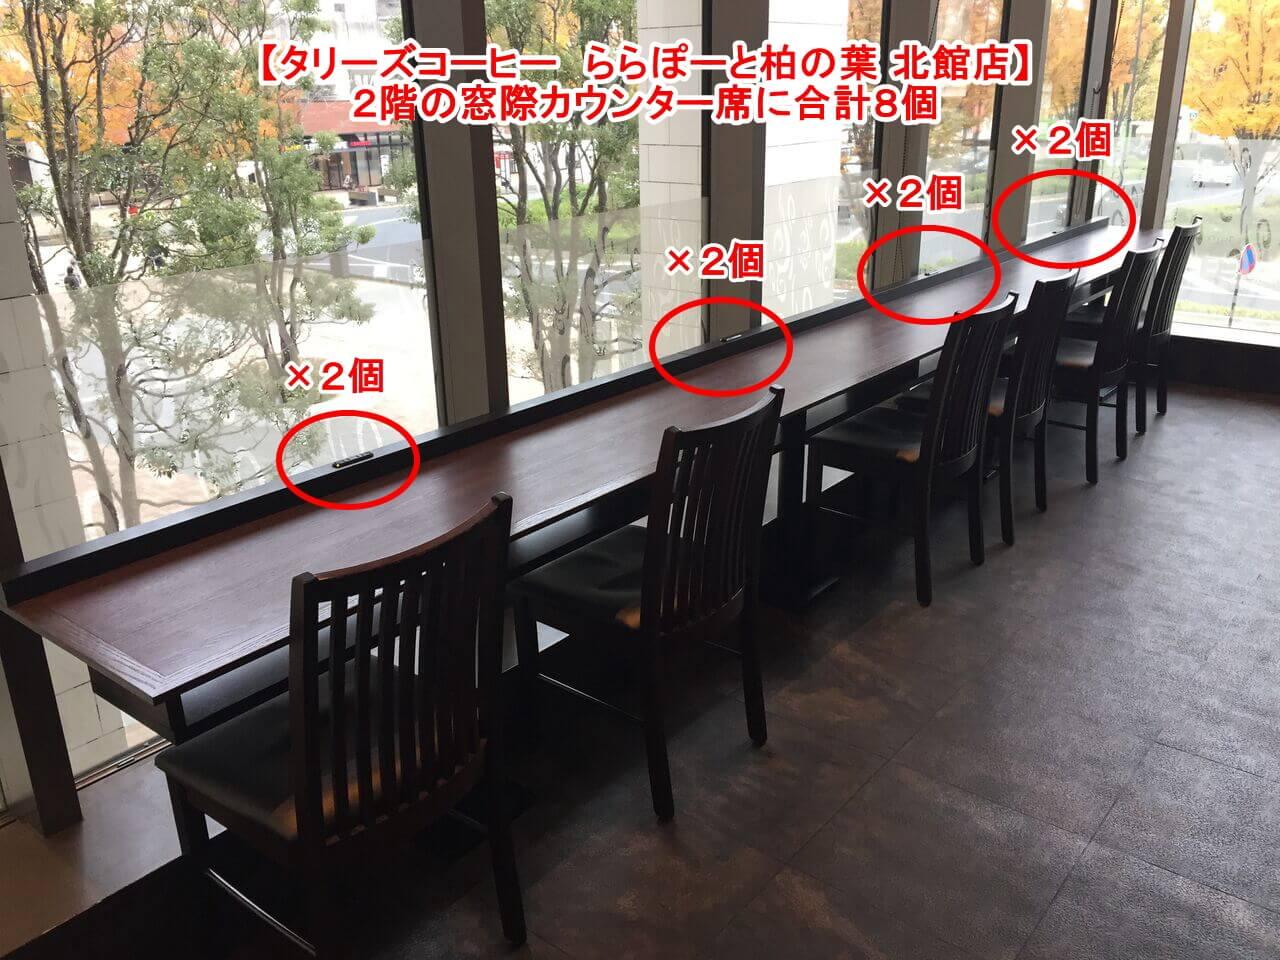 2階の窓際カウンター席に電源×8